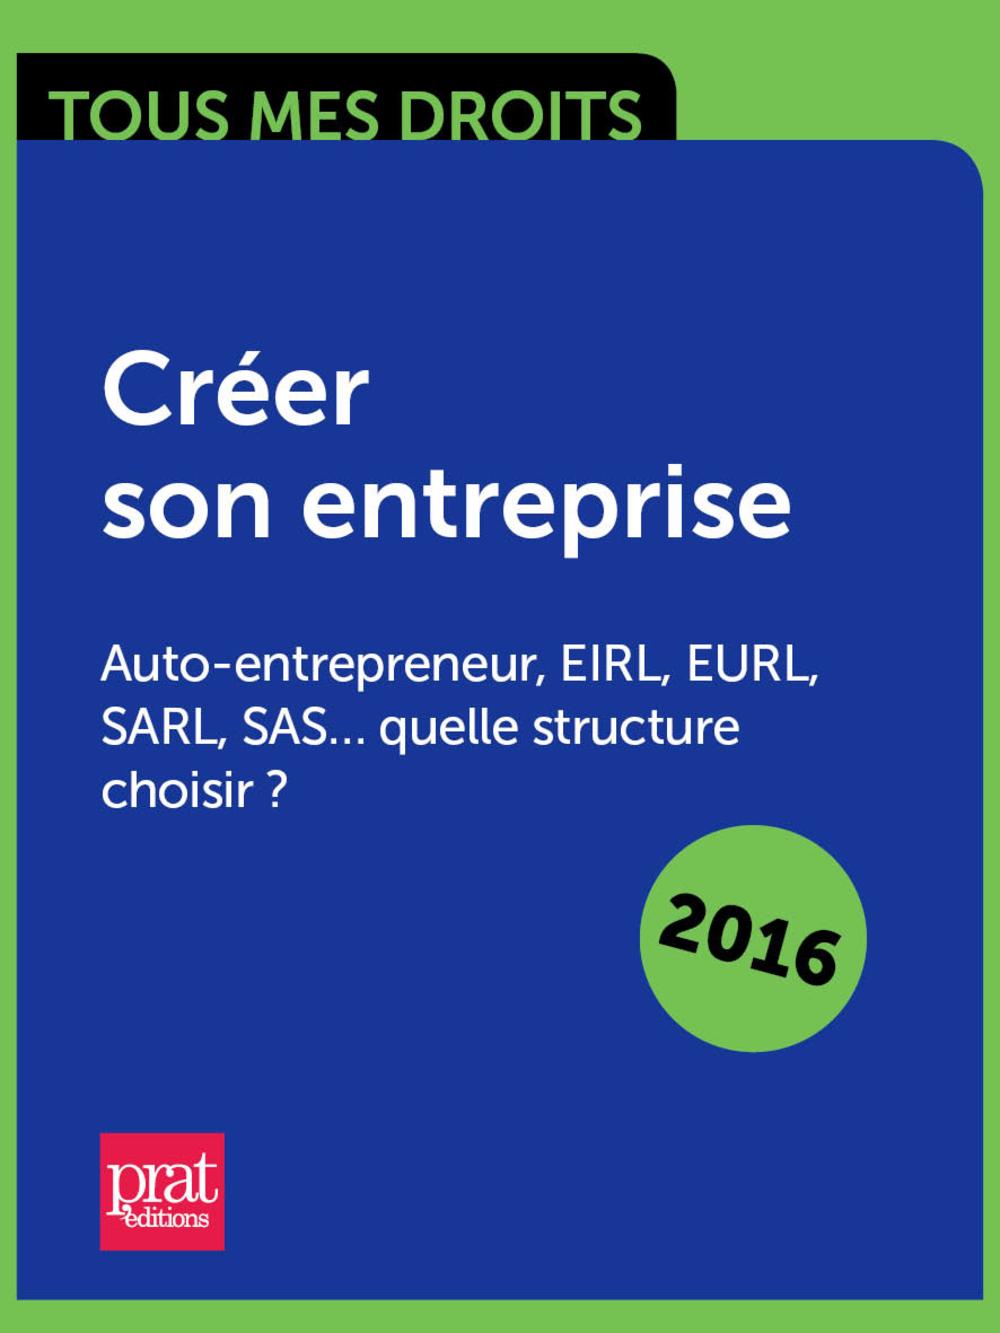 Créer son entreprise : auto-entrepreneur, EIRL, EURL, SARL, SAS quelle structure choisir ?